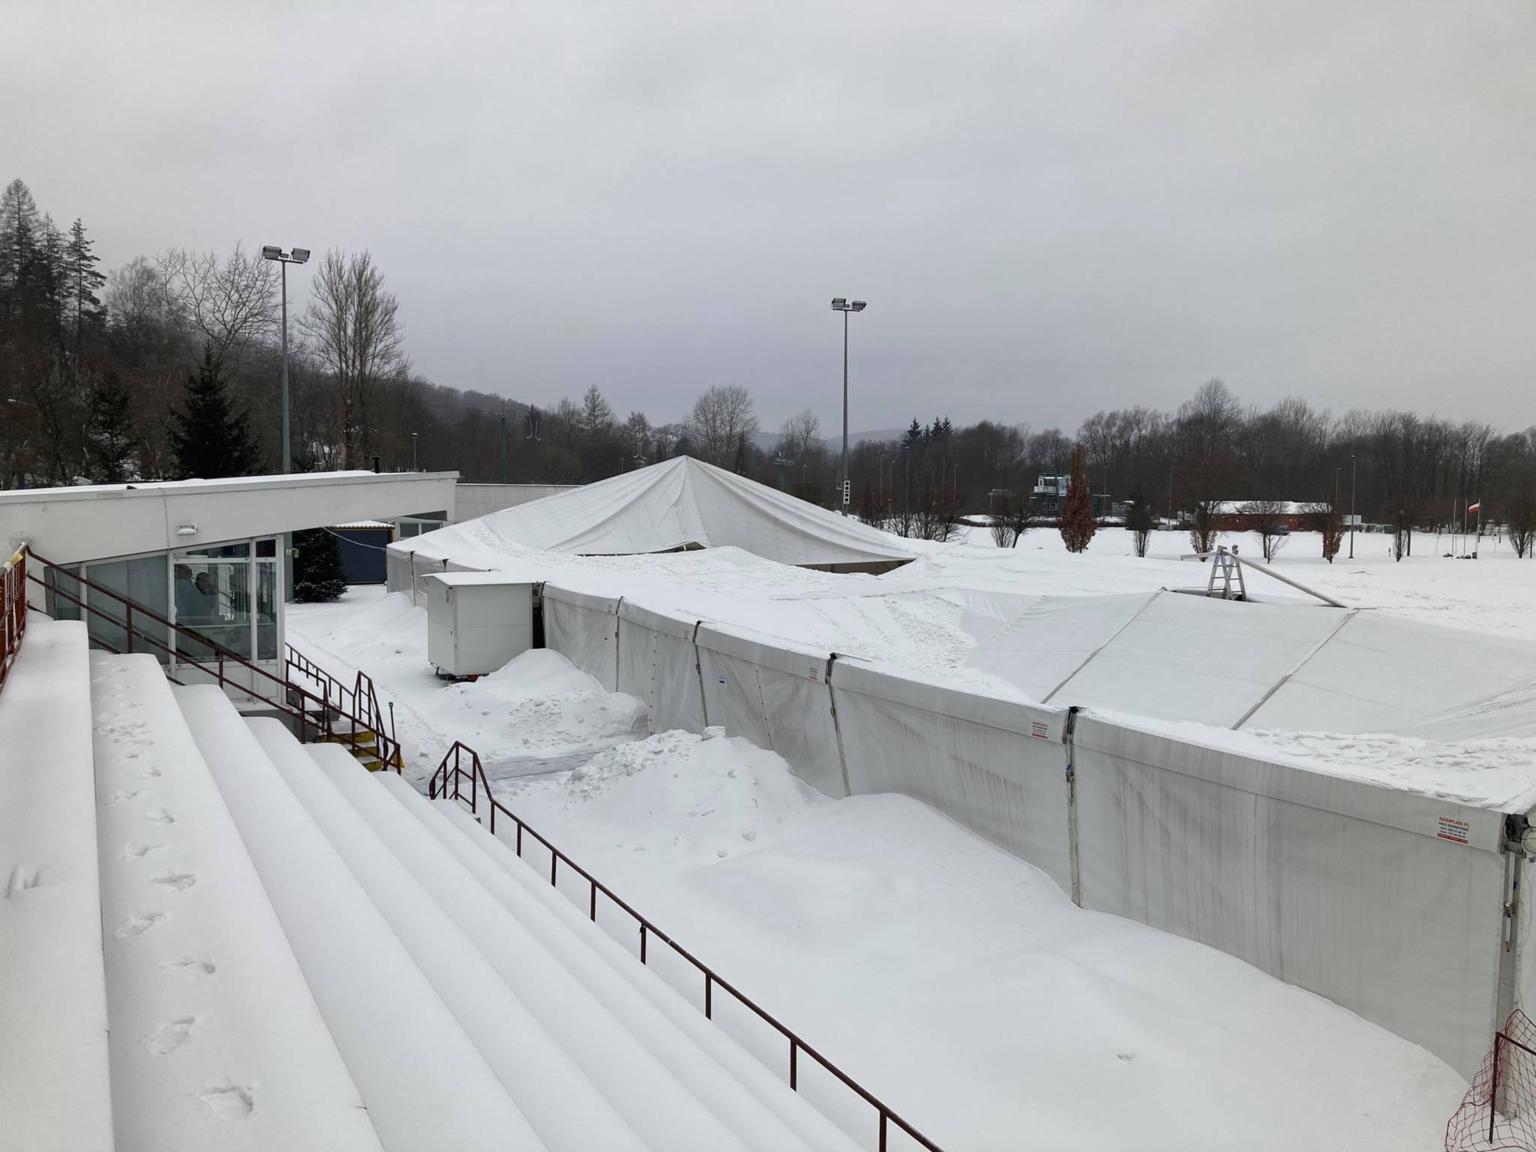 Atak zimy: zawalił się dach lodowiska! Trwa szacowanie strat - Zdjęcie główne